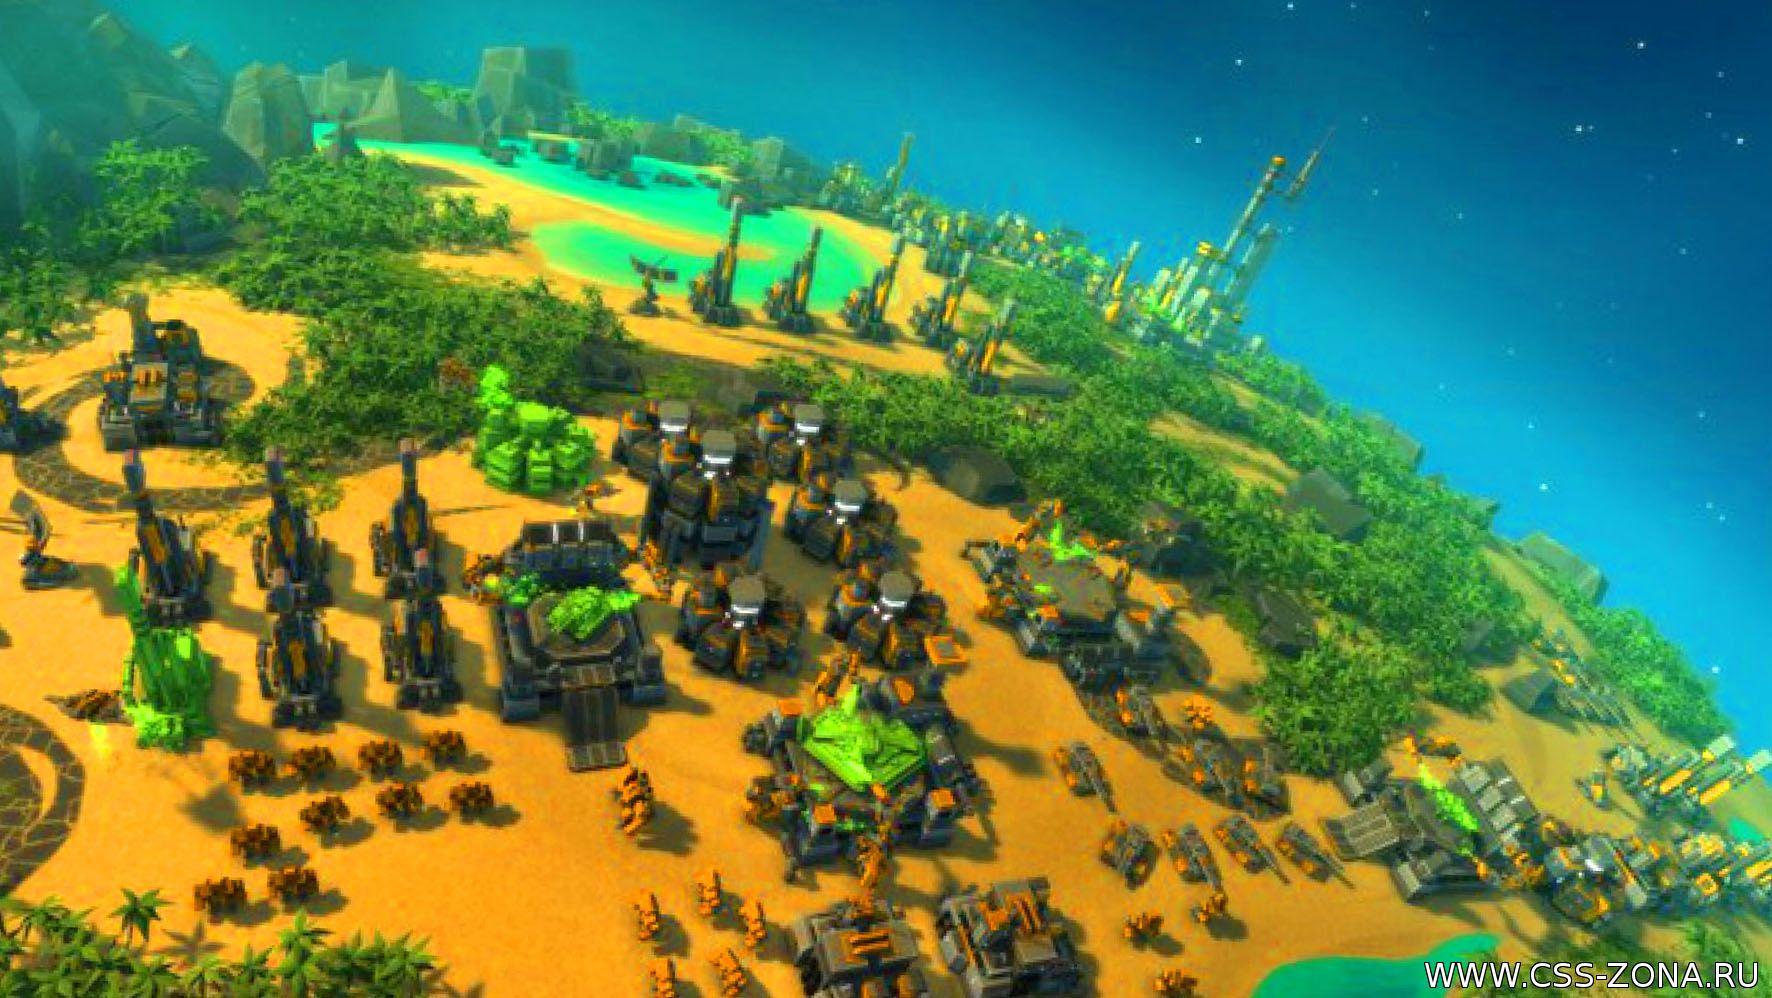 Для Planetary Annihilation вышло дополнение под названием Titans